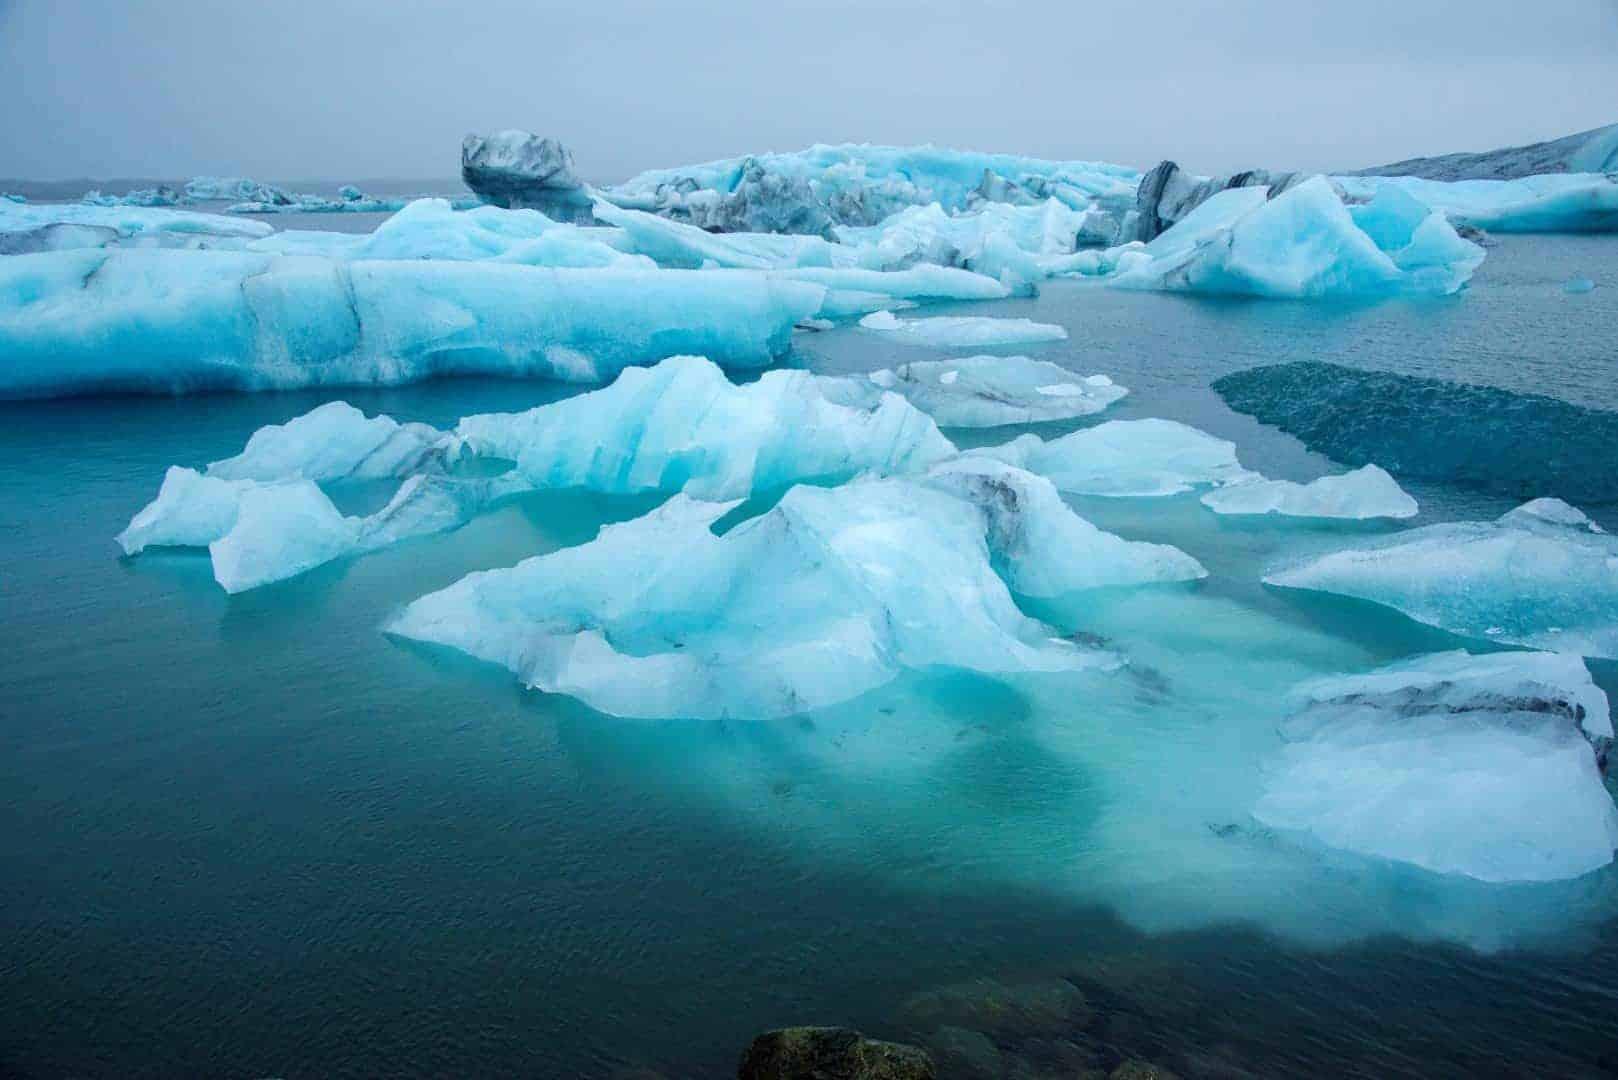 Blauwe IJsschotsen in ijsschotsenmeer Jökulsárlón - fotografie-reizen.nl